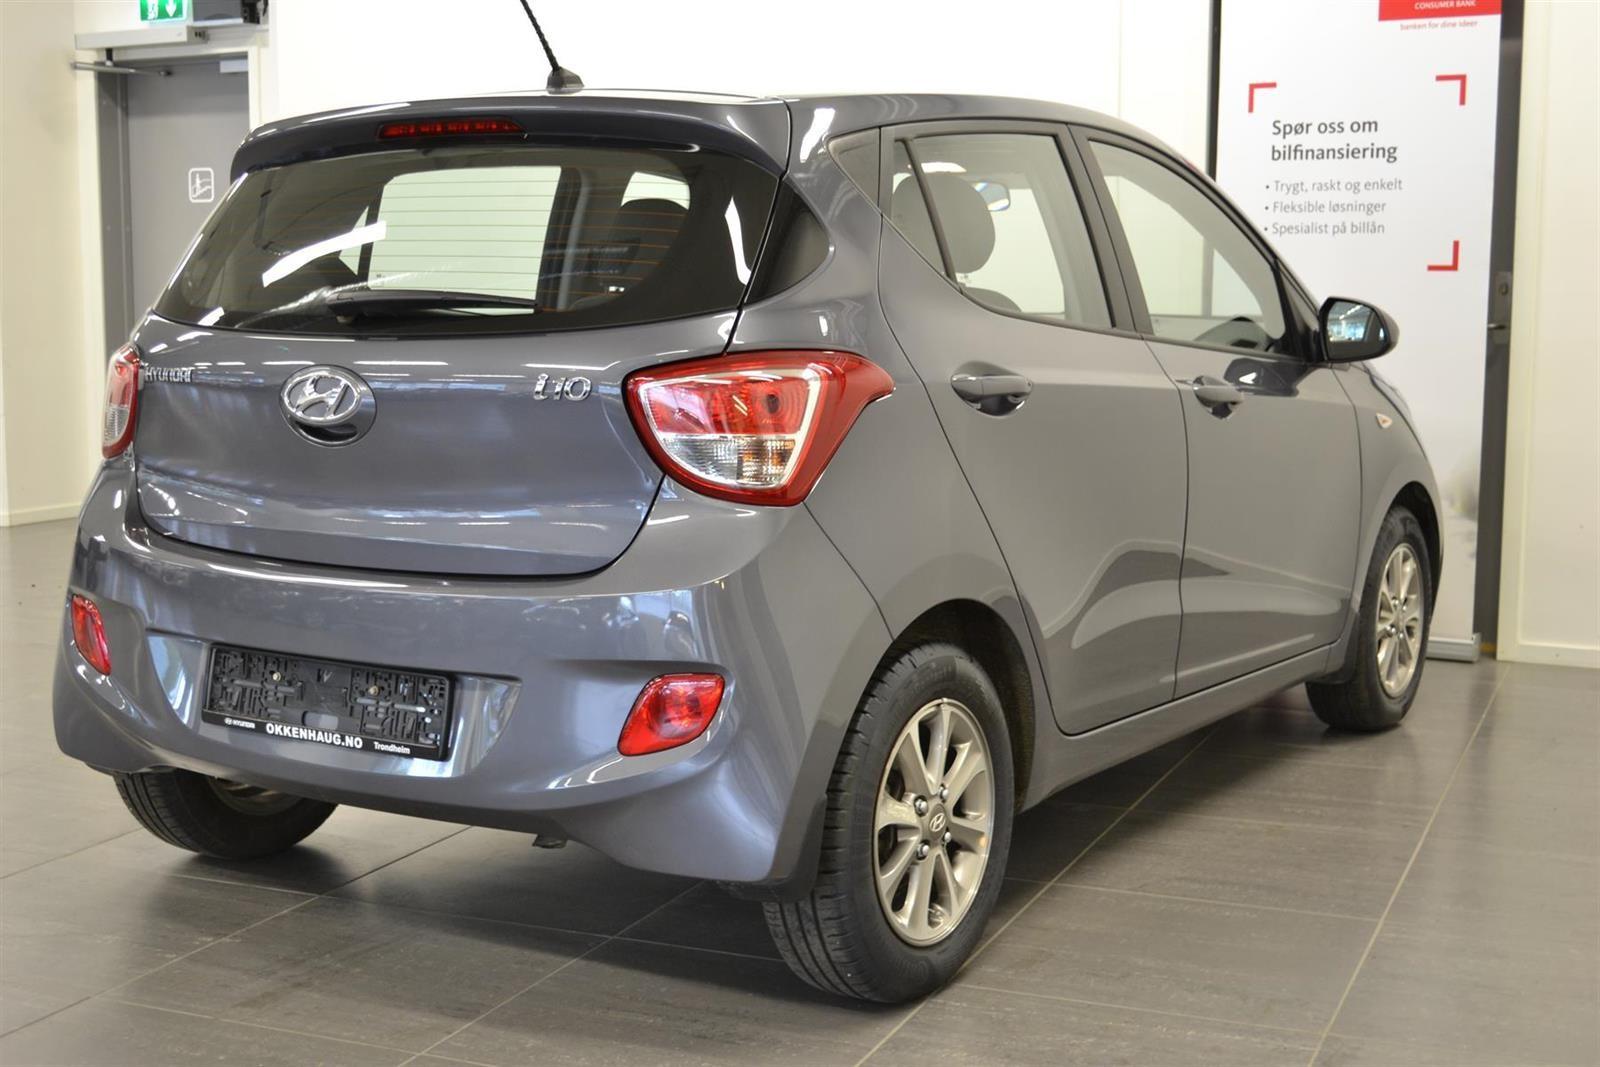 Hyundai i10 Slide 3